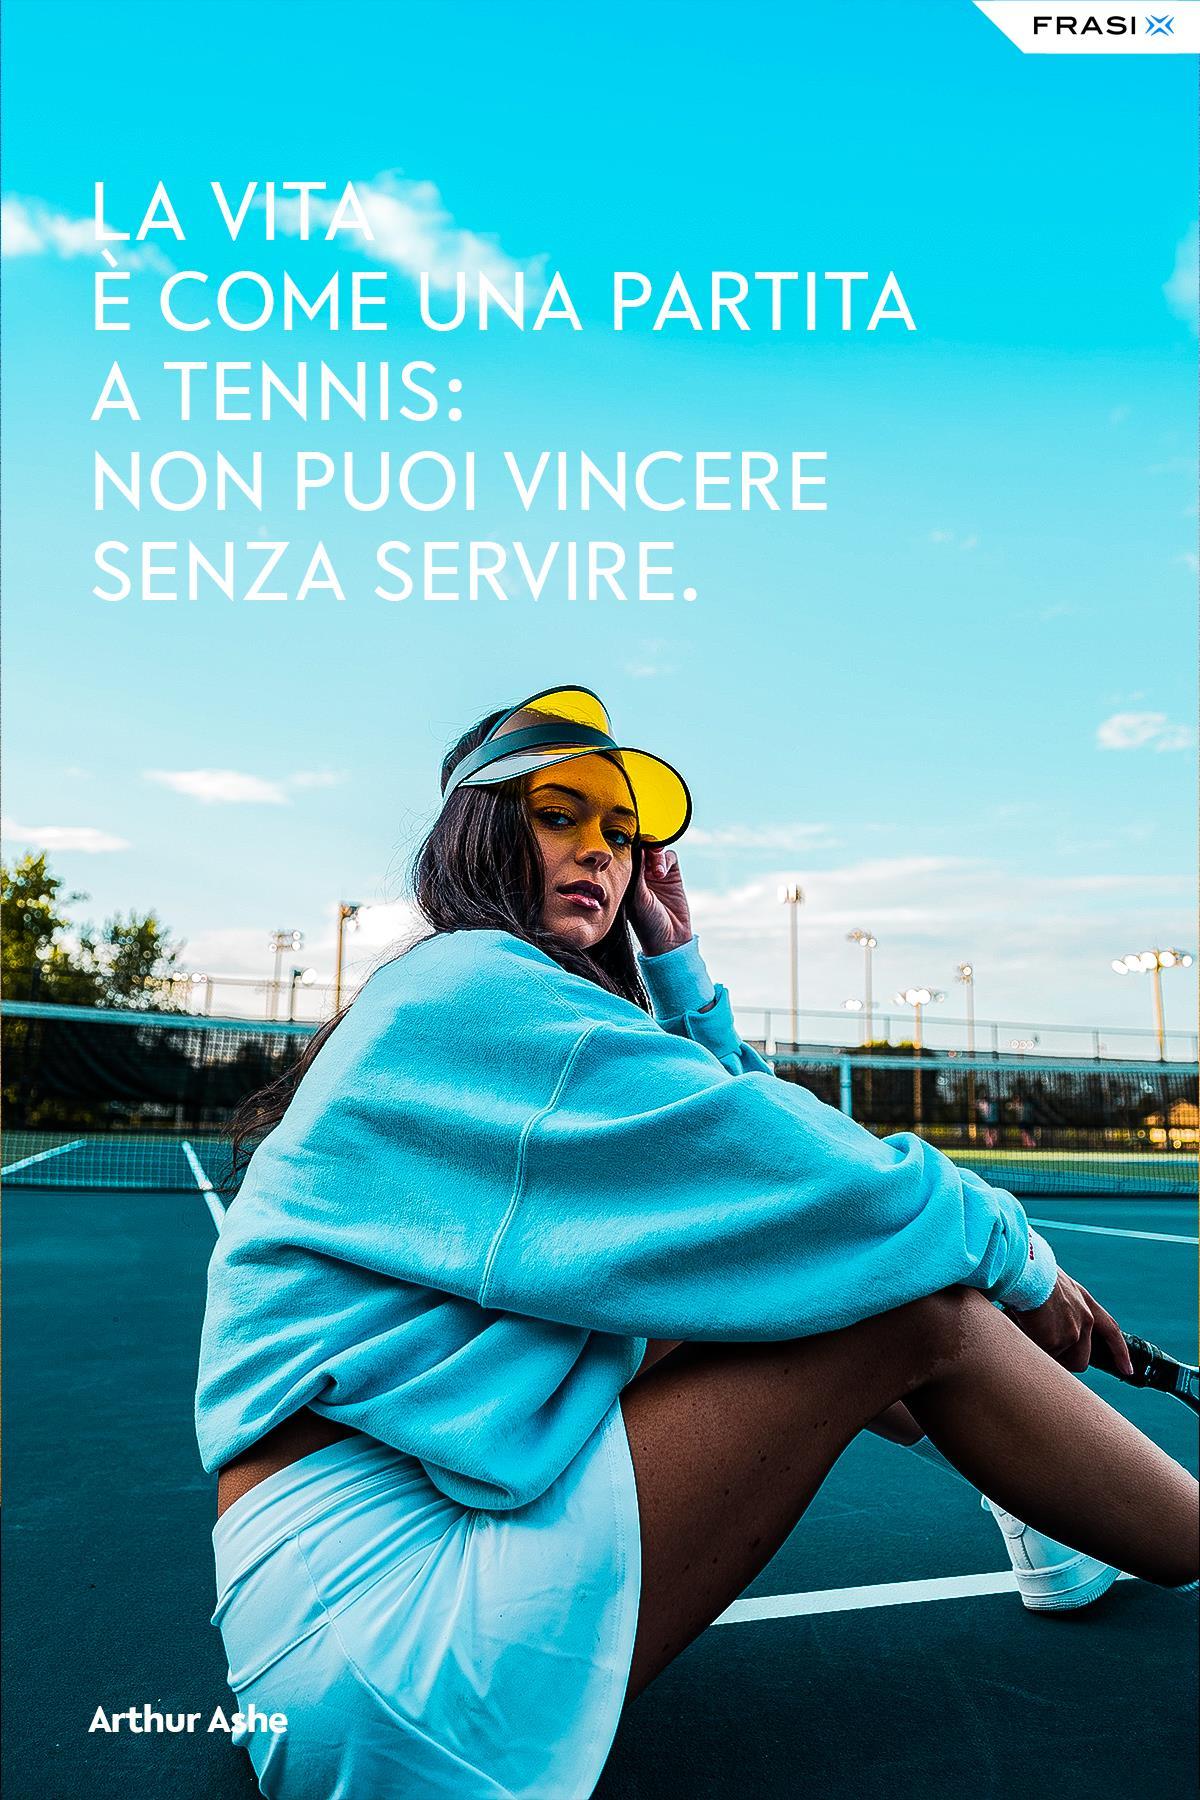 Frase di Arthur Ashe sul tennis e la vita